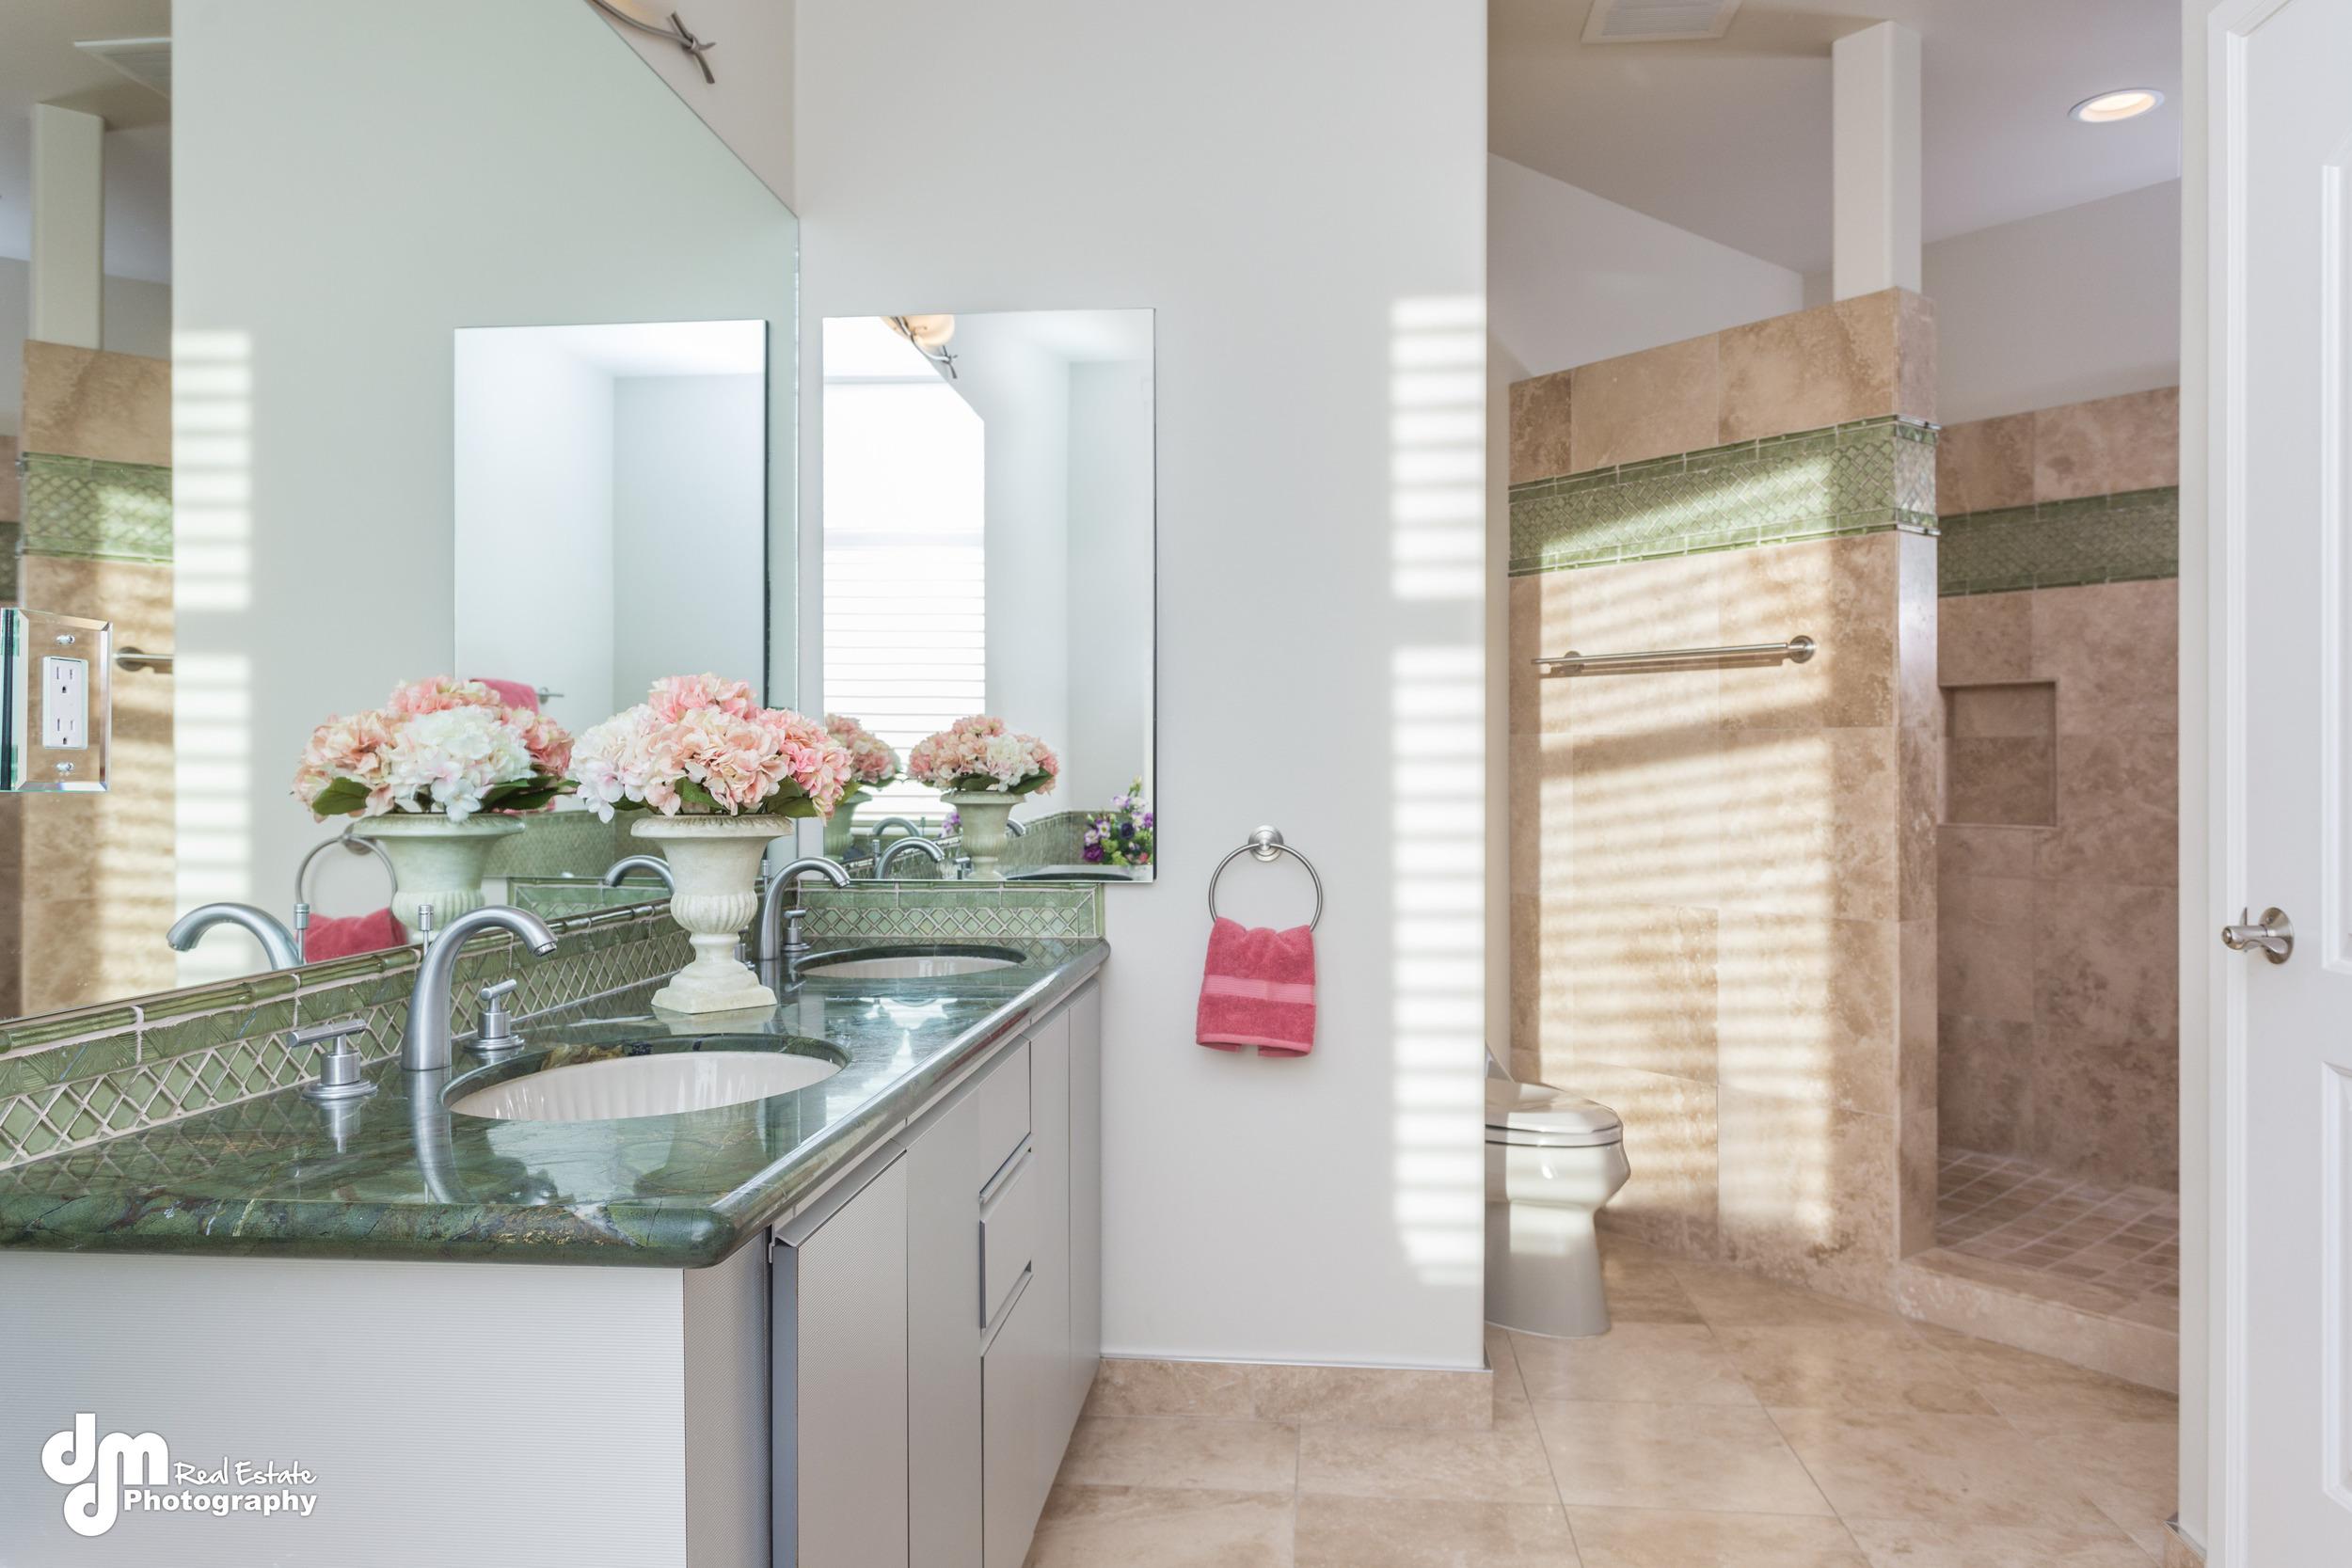 anchorage_condo_master_bathroom